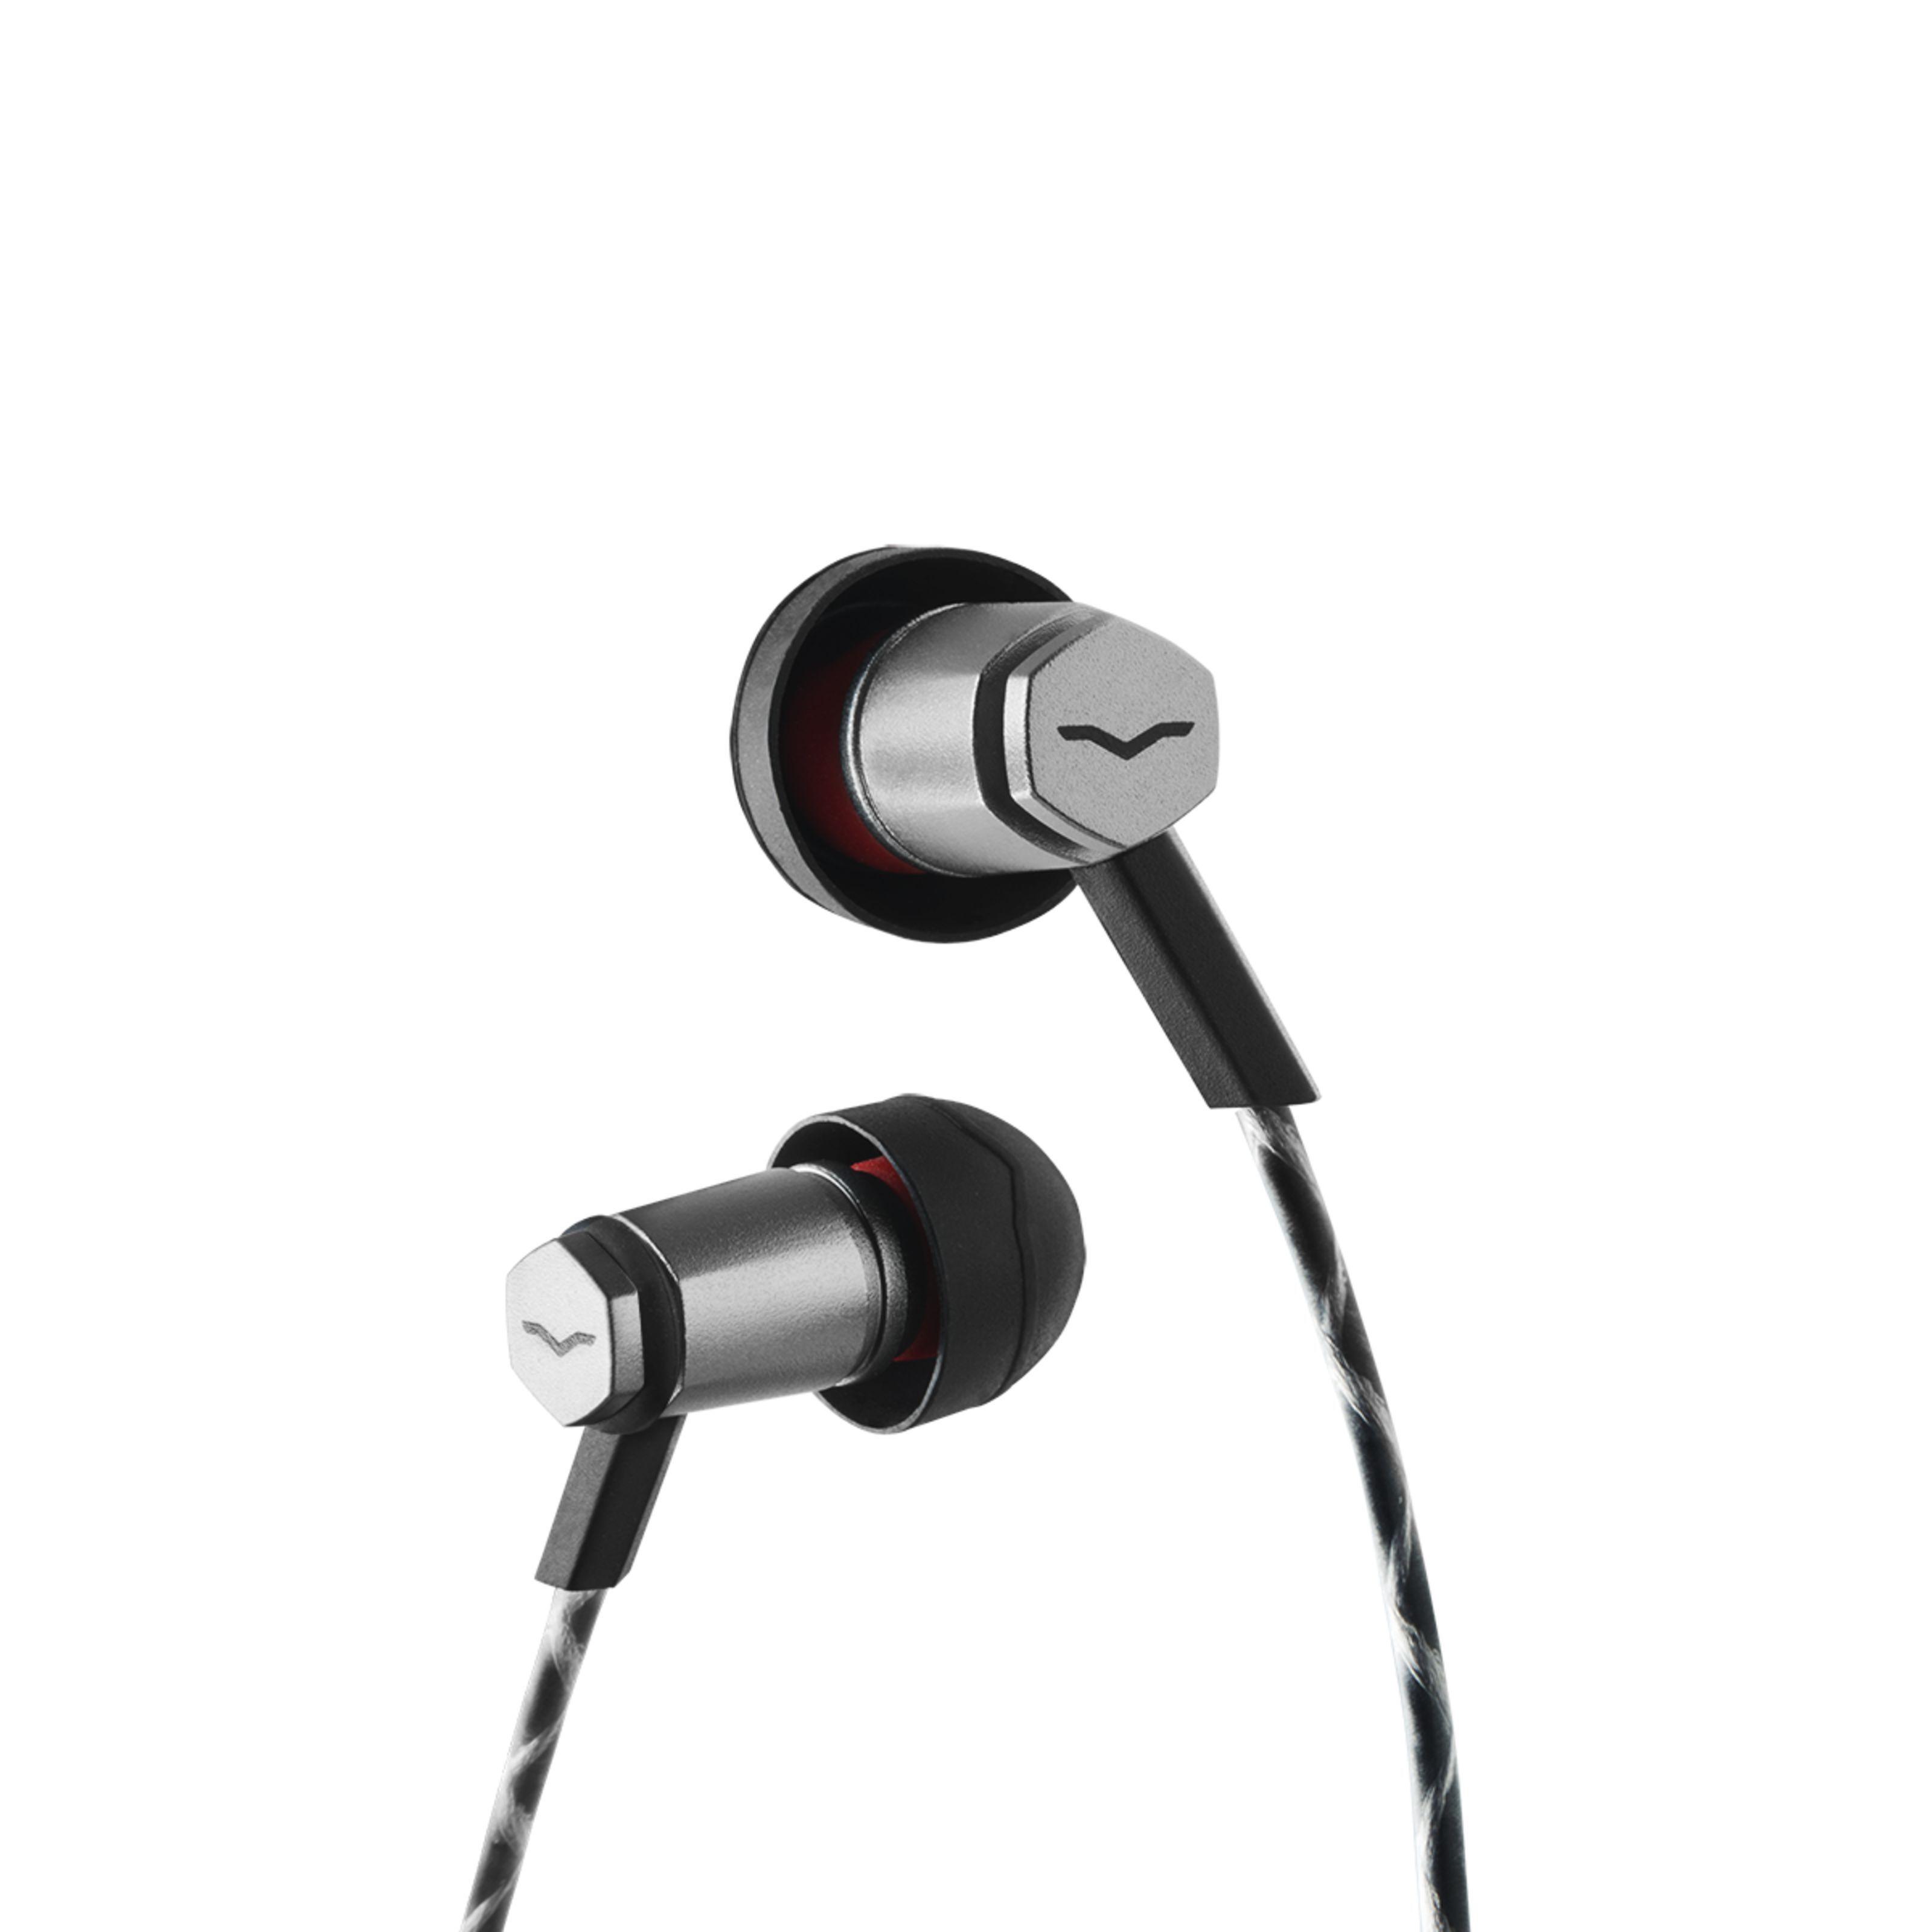 v moda moda forza metallo ear headphones